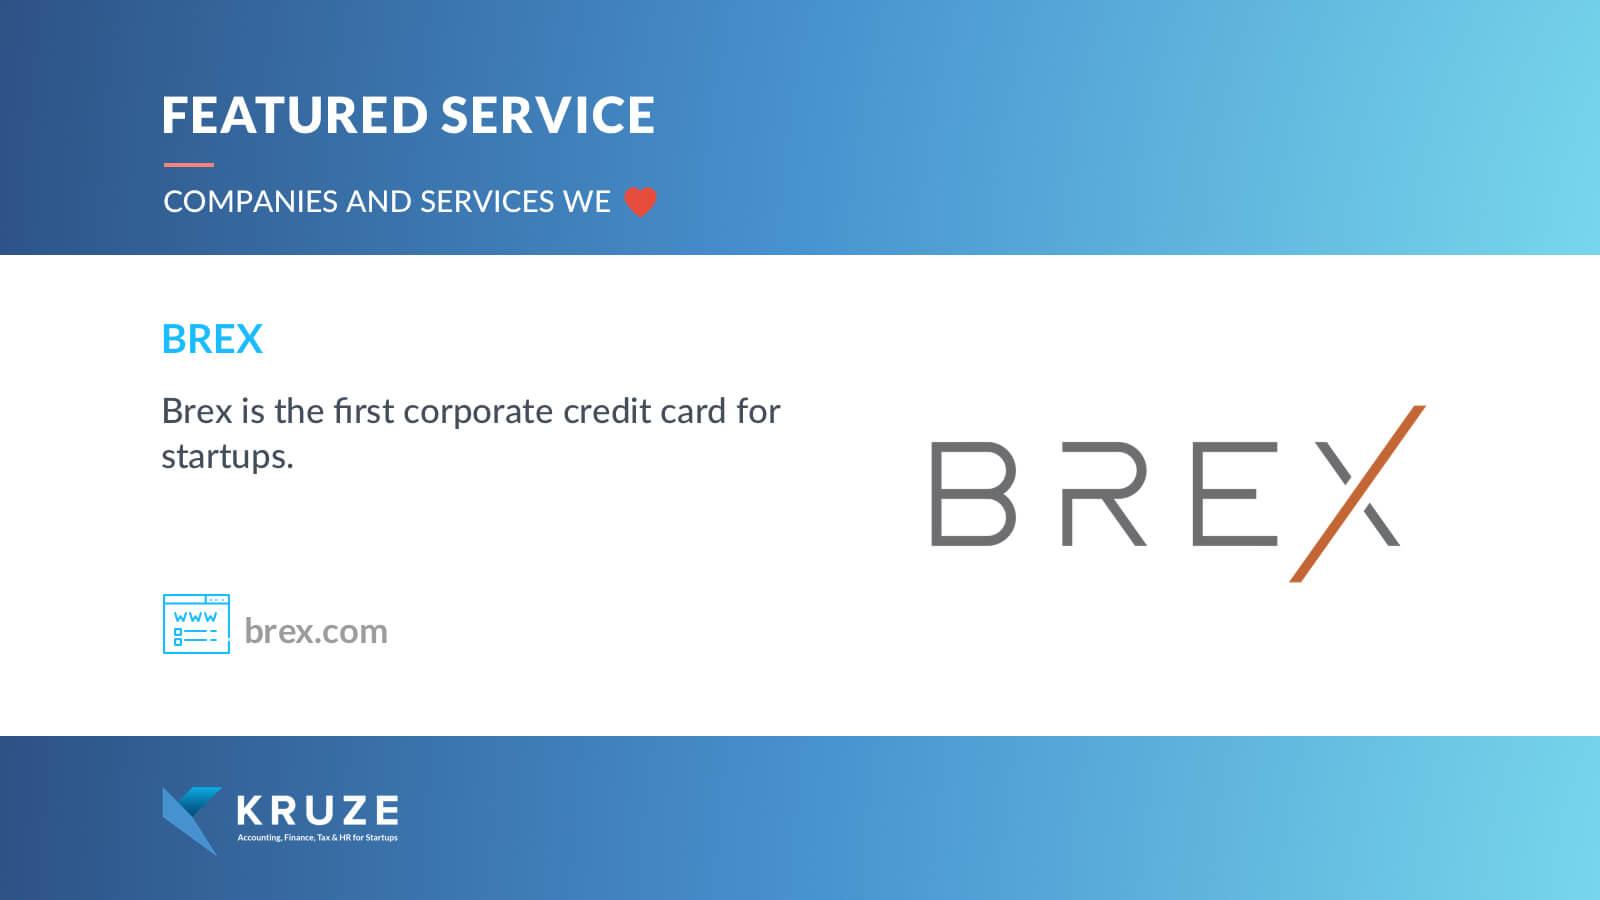 Featured Service - Brex